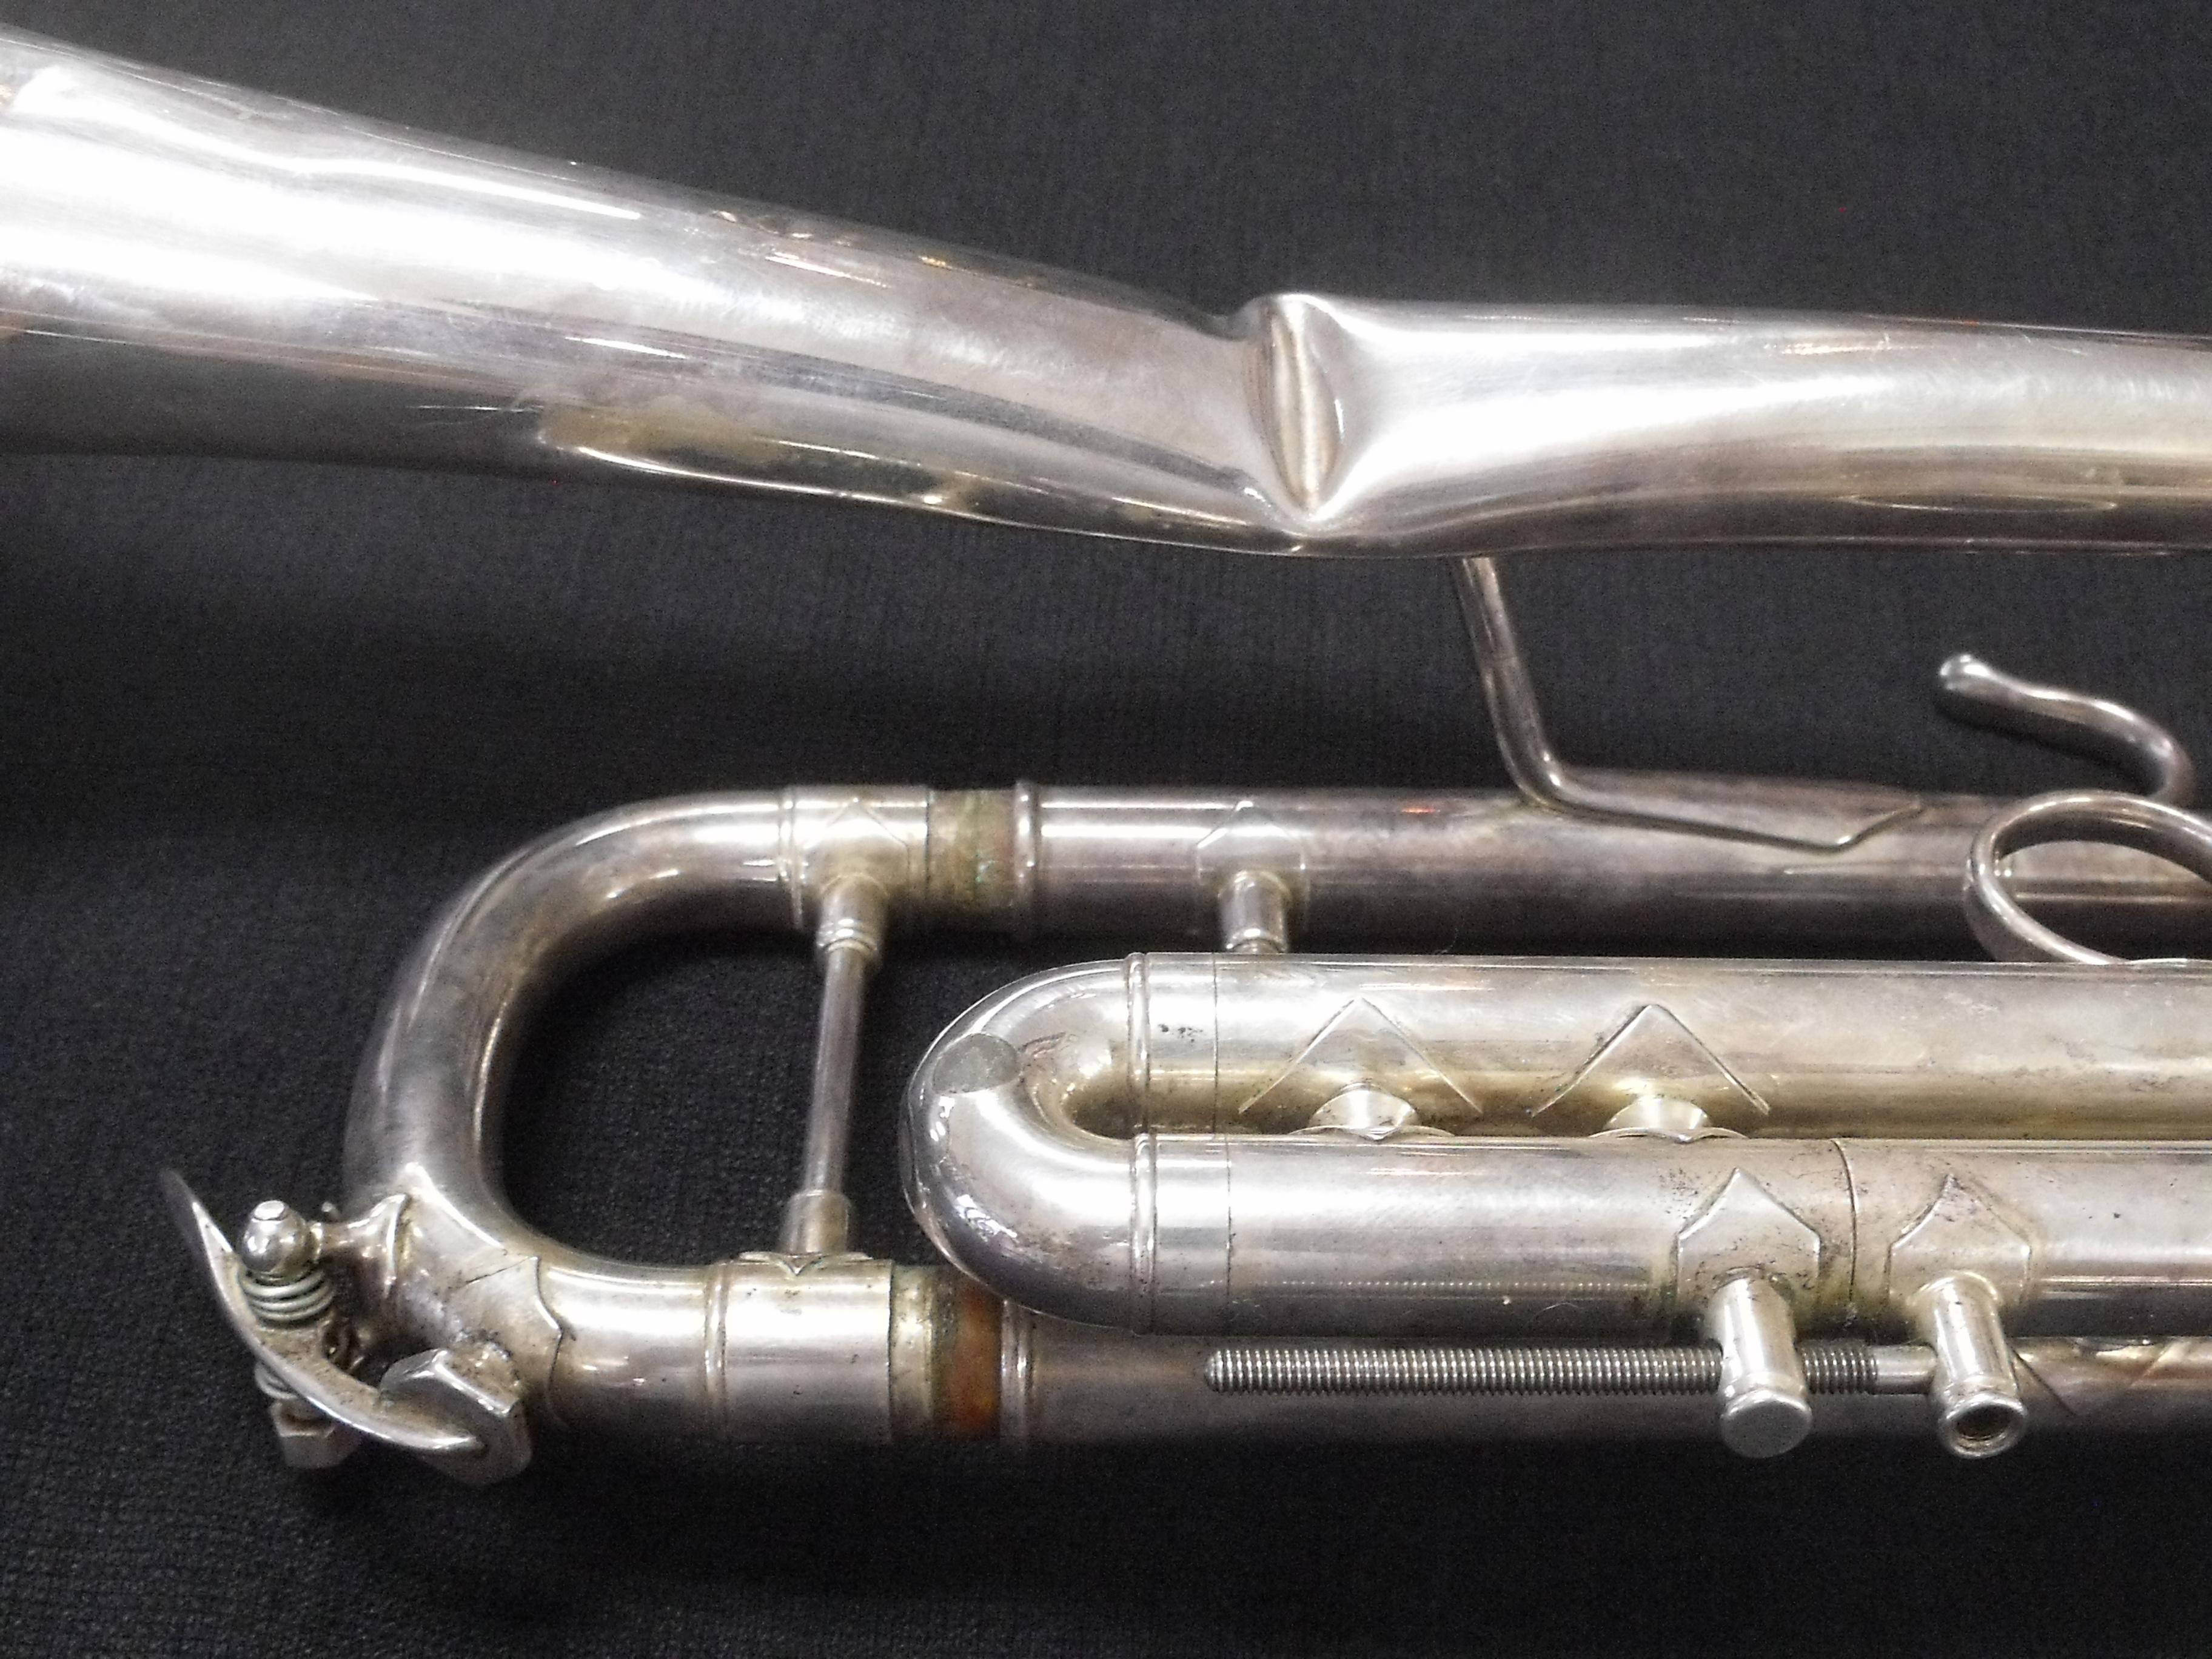 DSCF3478.JPG